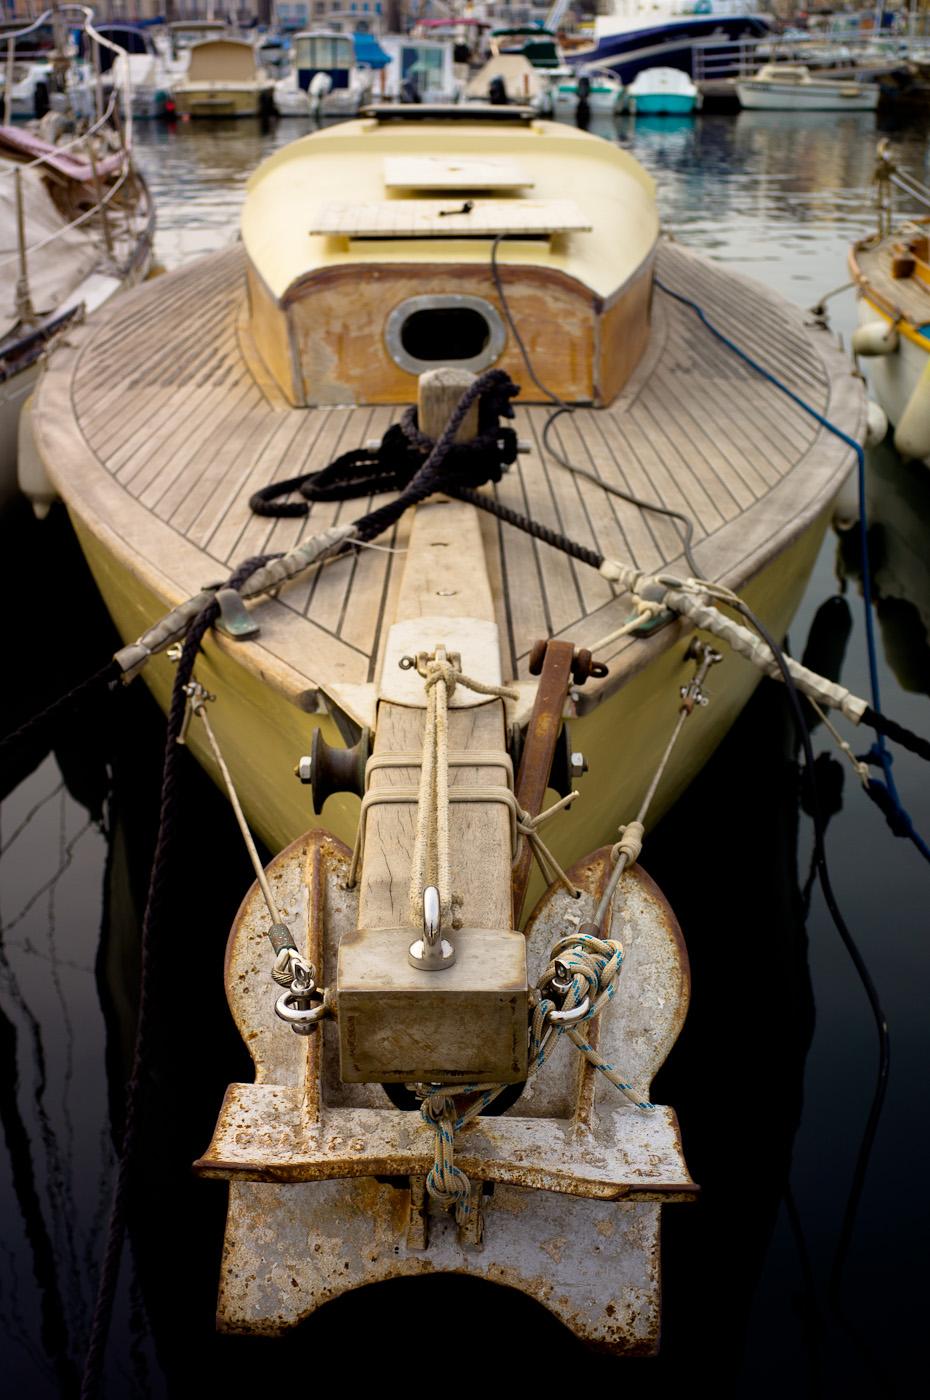 A sailboat under repair in La Ciotat